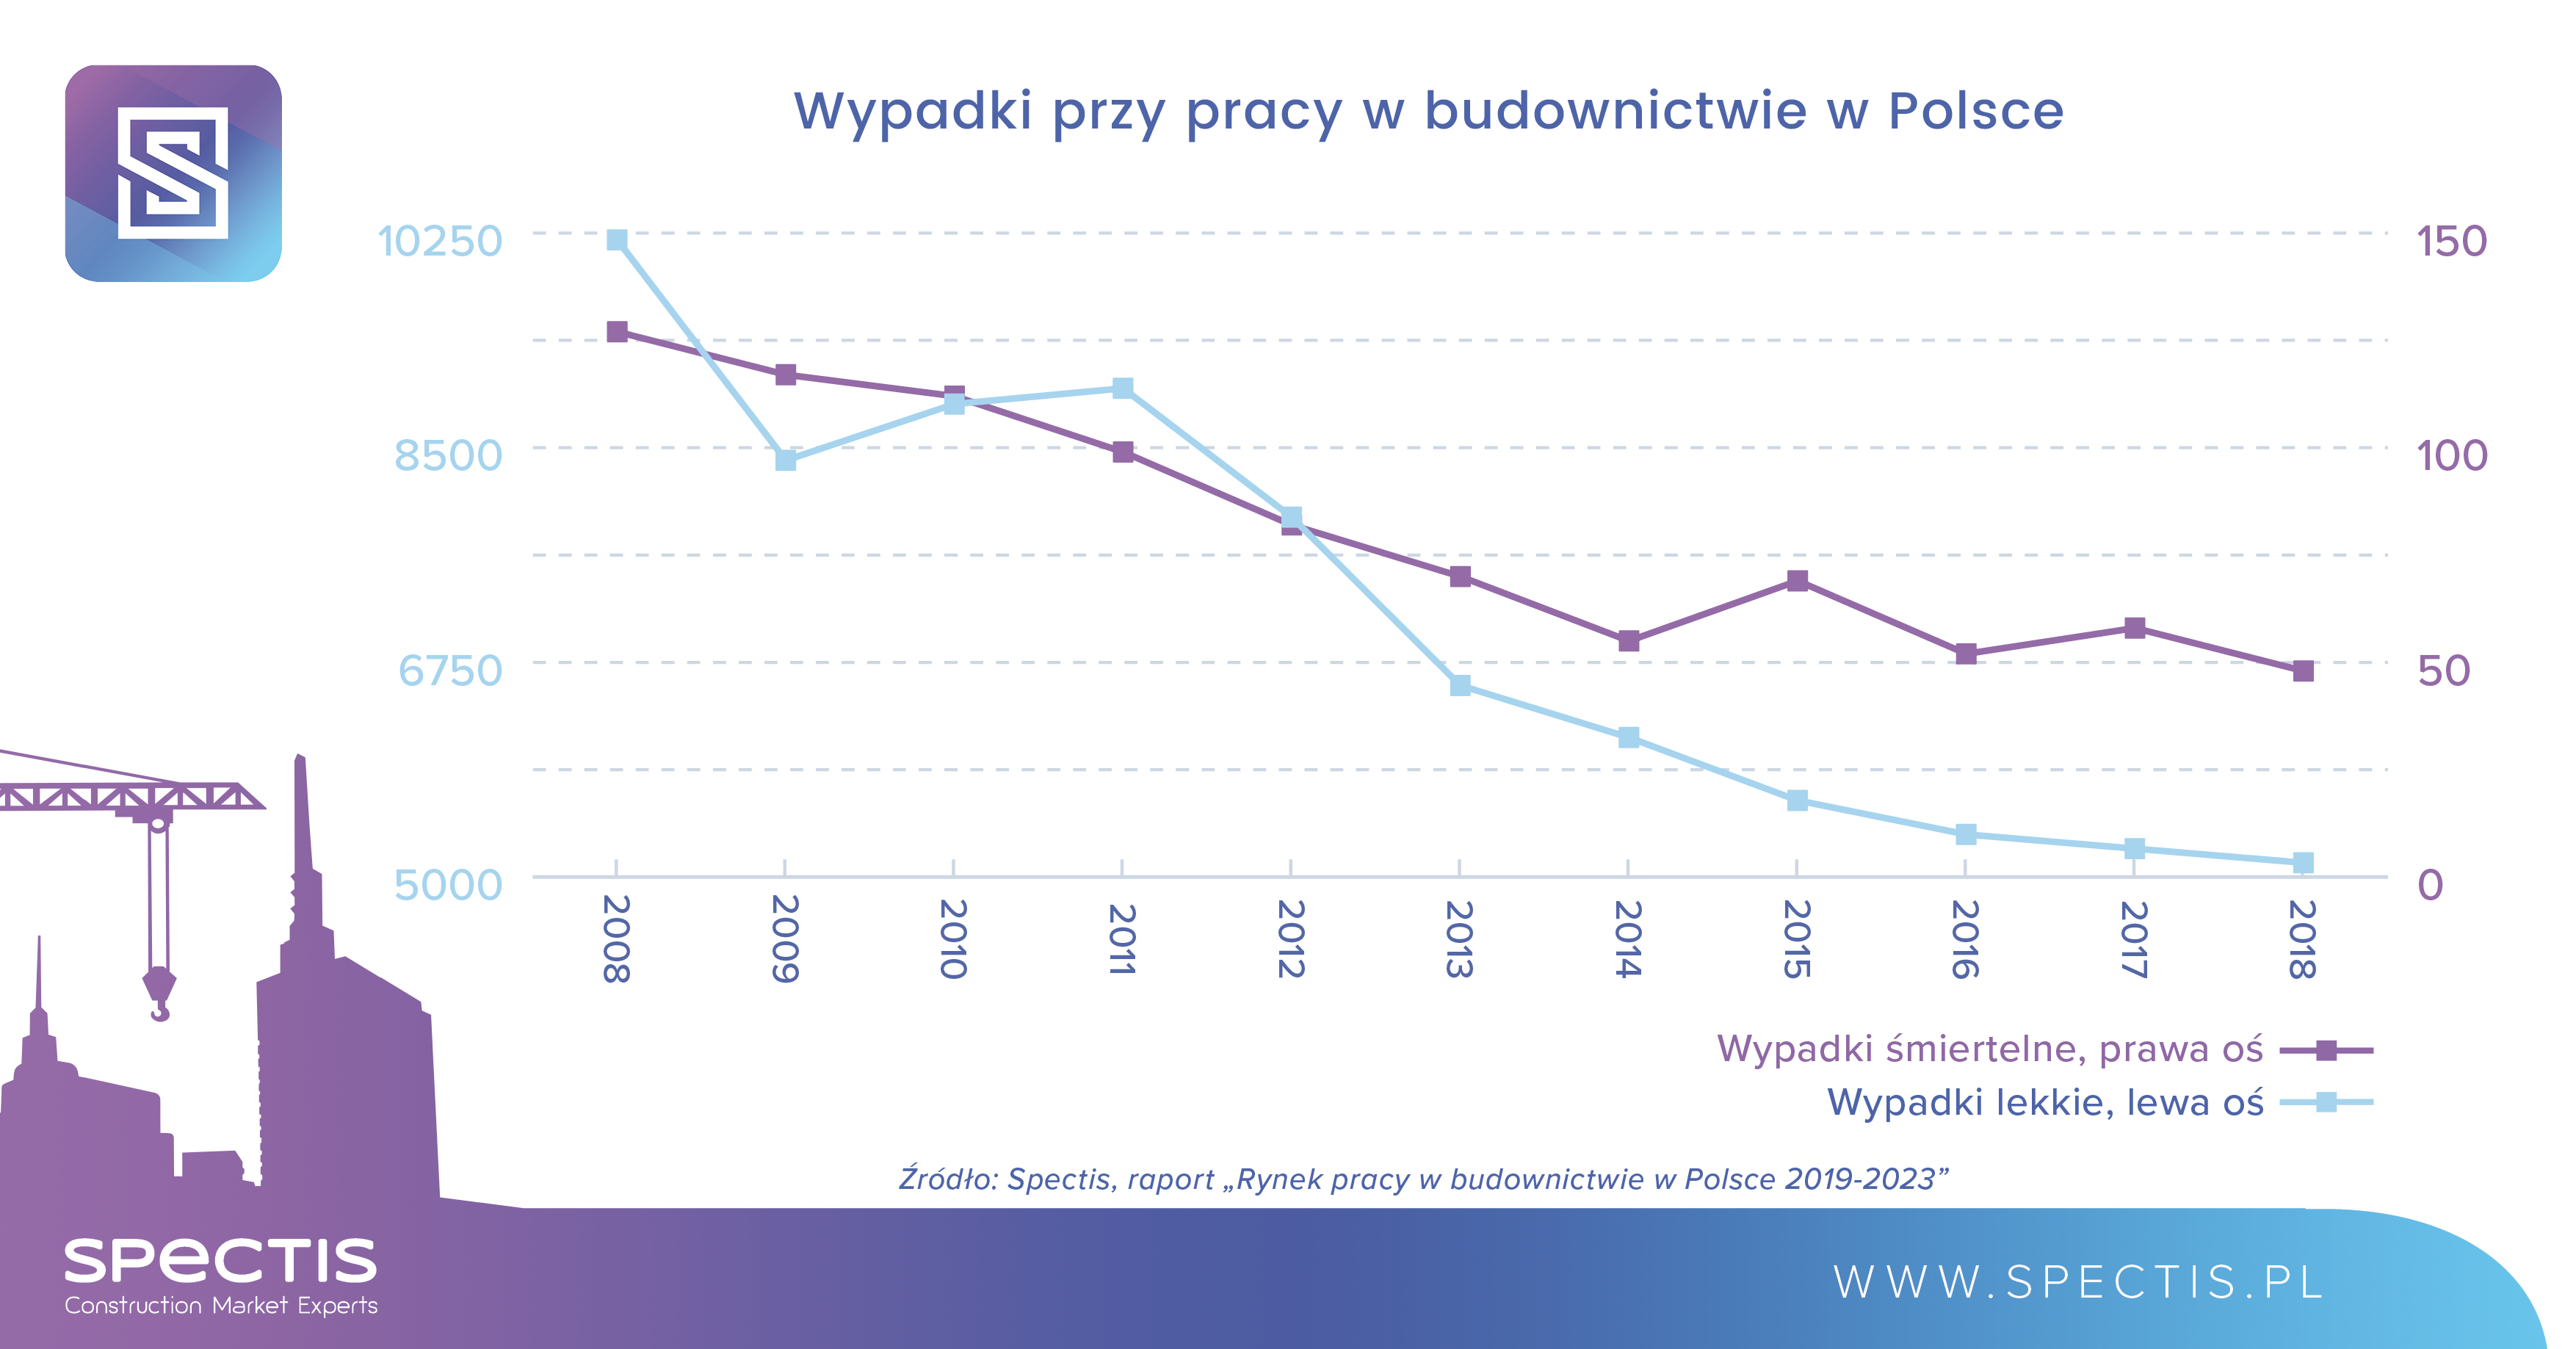 Wypadki przy pracy w branży budowlanej w Polsce. Źródło: Spectis